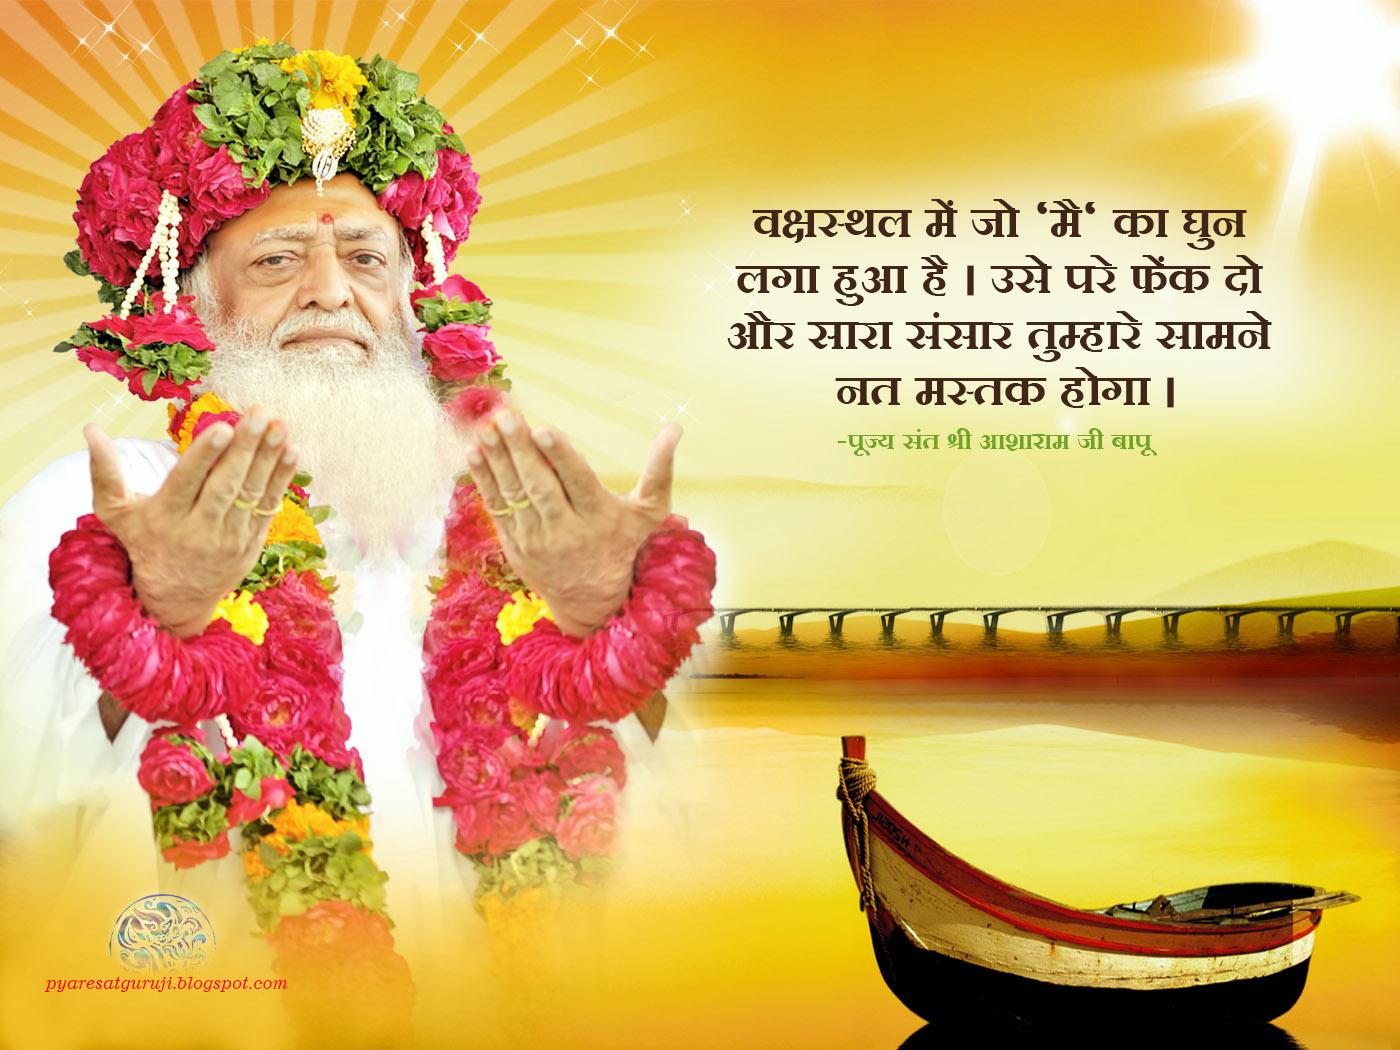 asharamjibapu-bapu-bapuji-asaram-ashram-asaramji-sant-asharamji-asharam-Hinduism-Sureshan-wallpaper-wp5201535